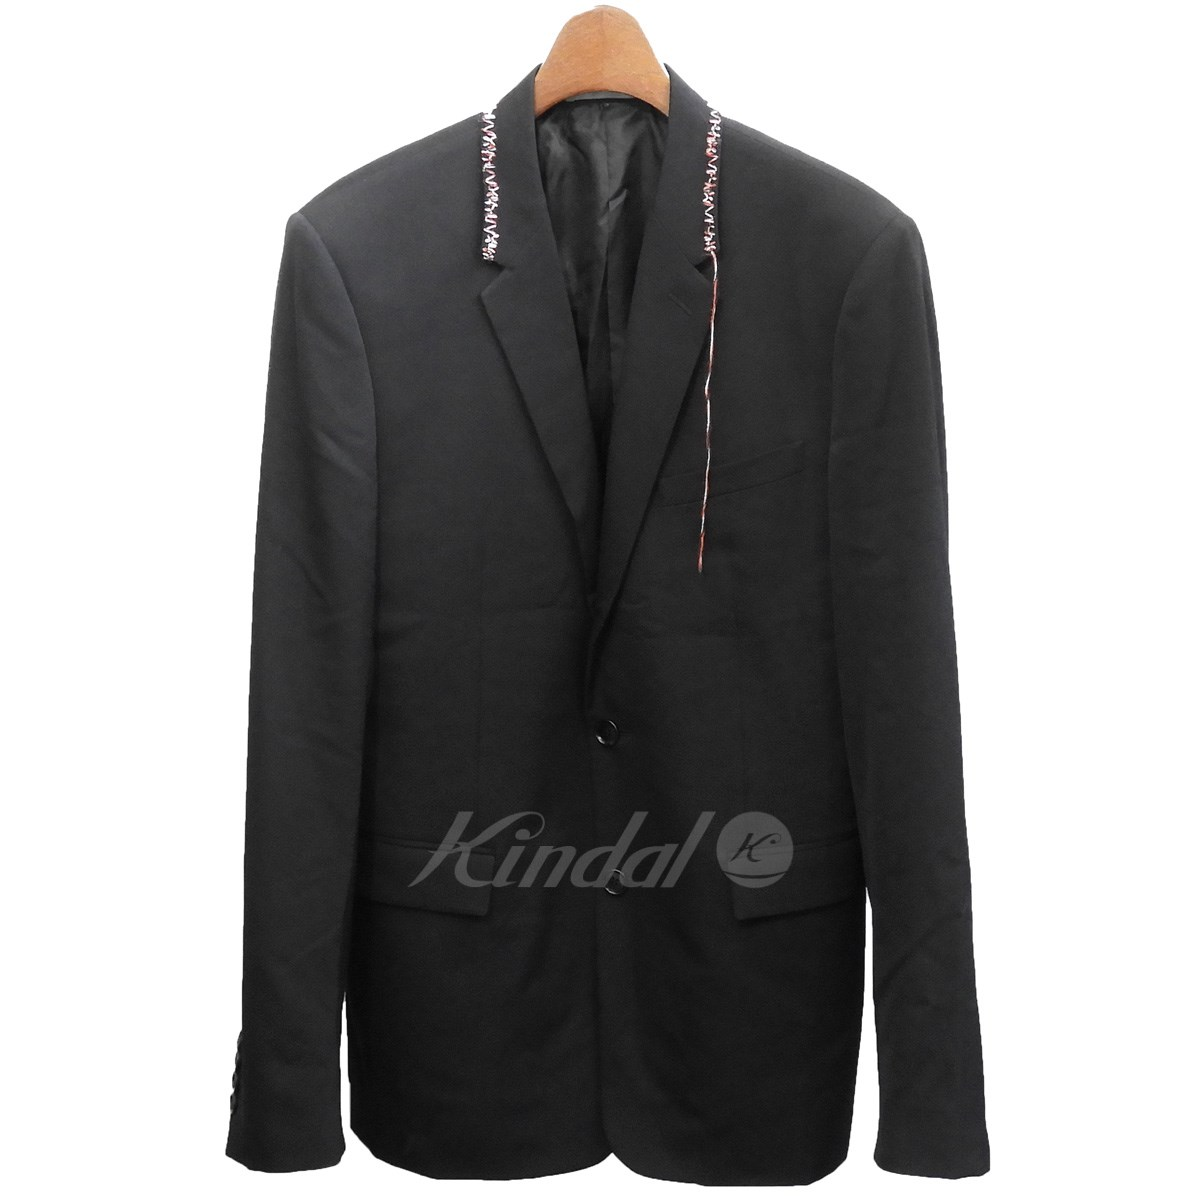 【中古】Dior Homme 2016AW 刺繍デザインテーラードジャケット ブラック サイズ:48 【送料無料】 【141018】(ディオールオム)